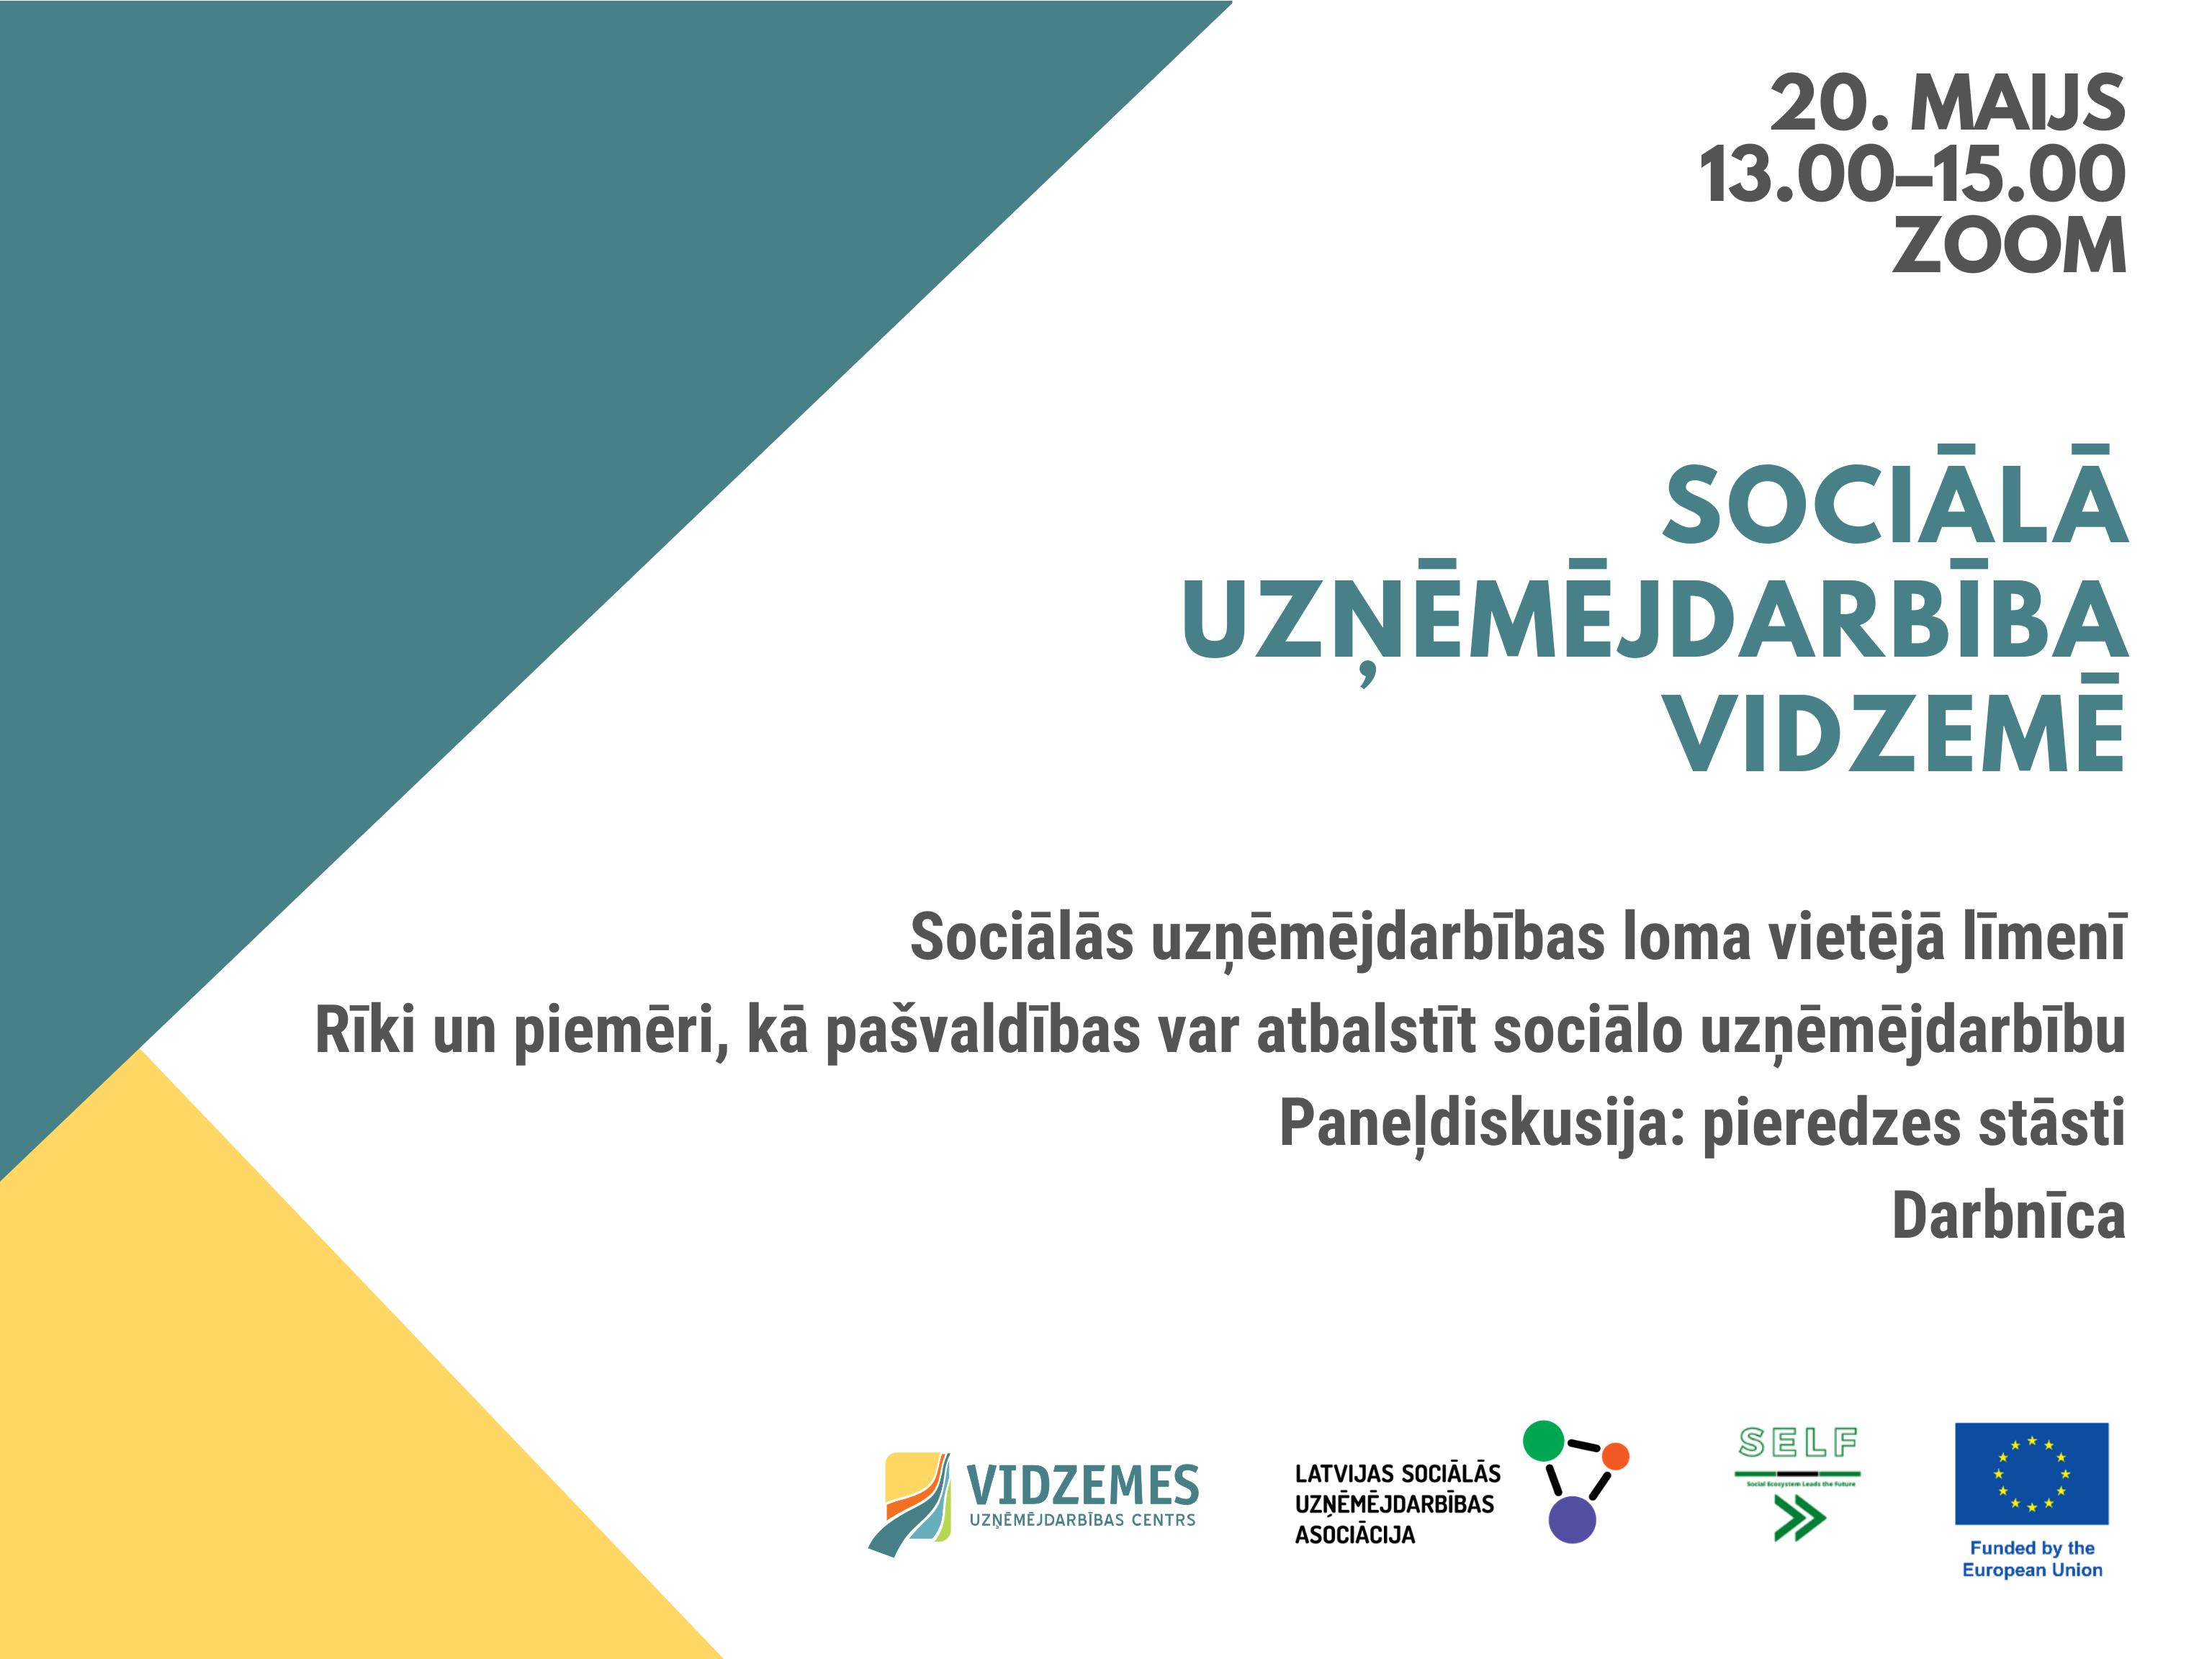 20. maijā seminārs par sociālās uzņēmējdarbības attīstības iespējām Vidzemes pašvaldībās